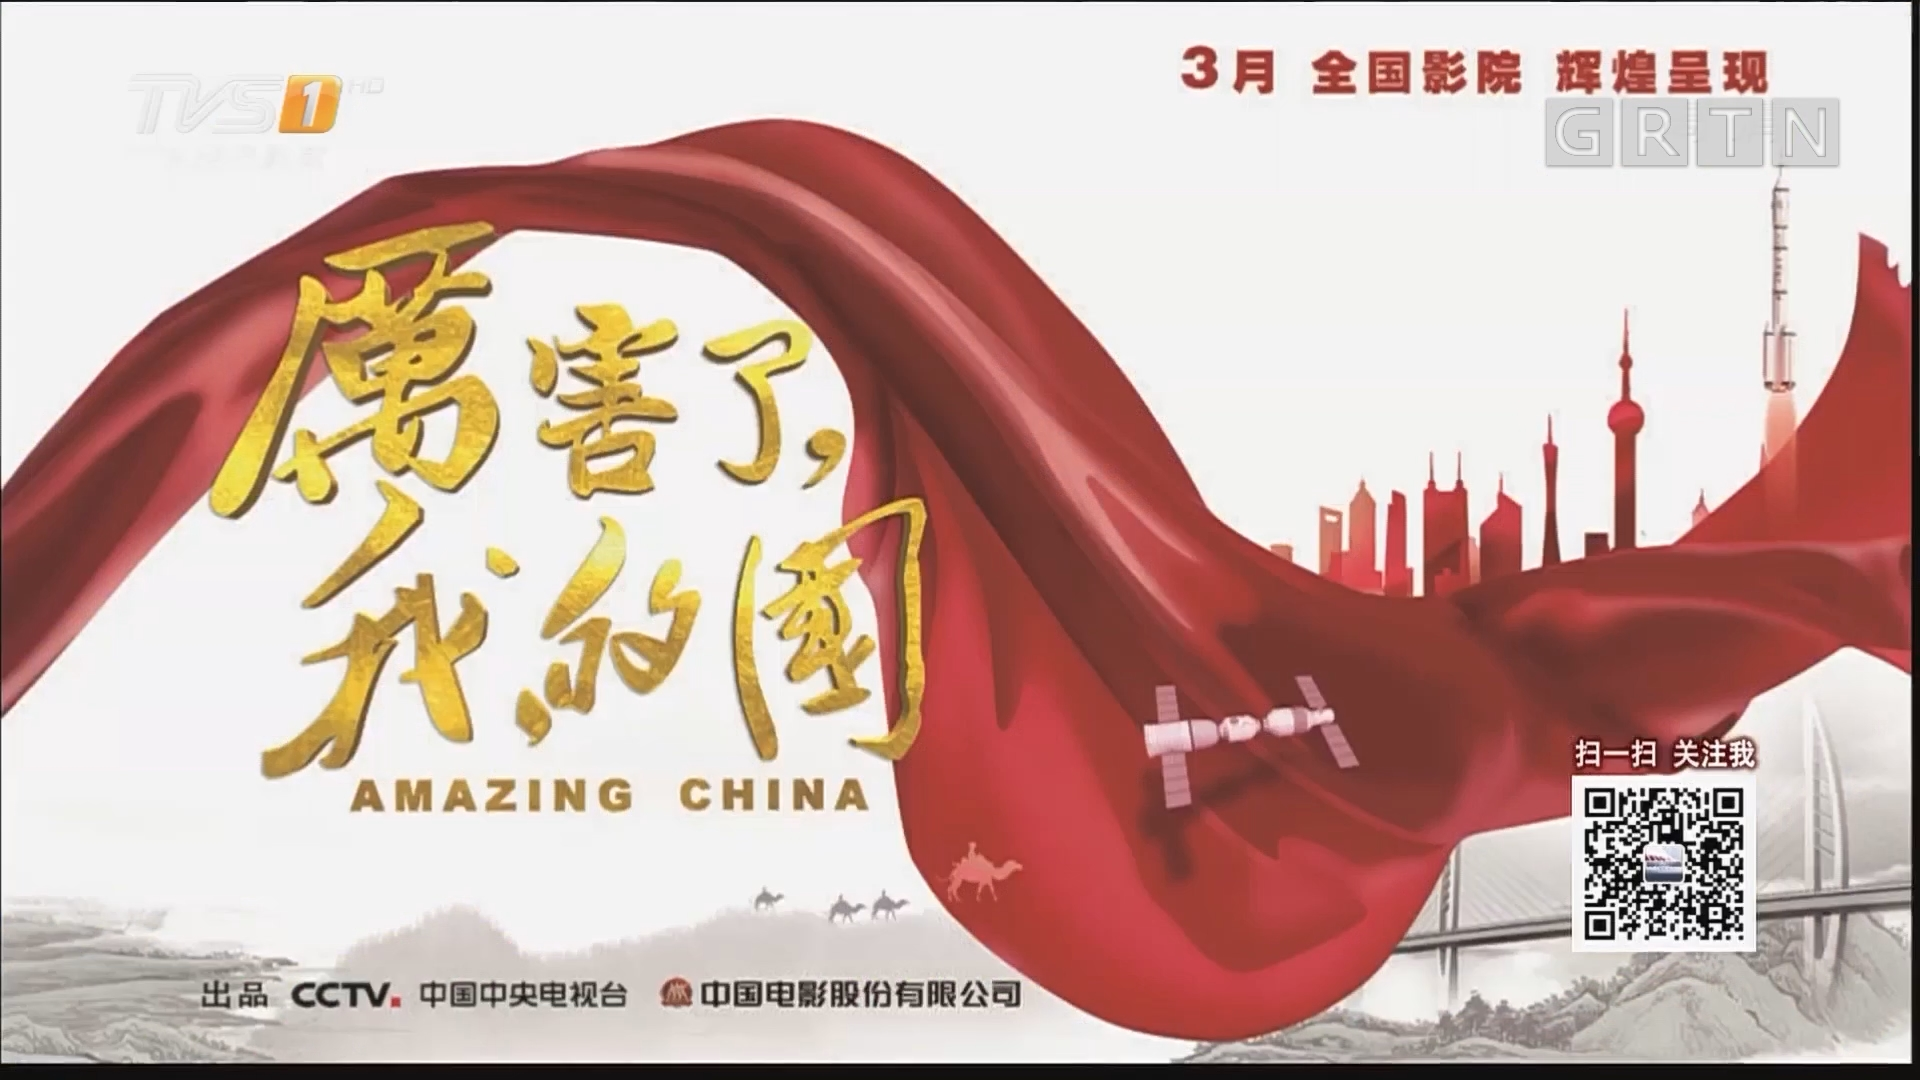 《厉害了,我的国》将上映 导演来自广东